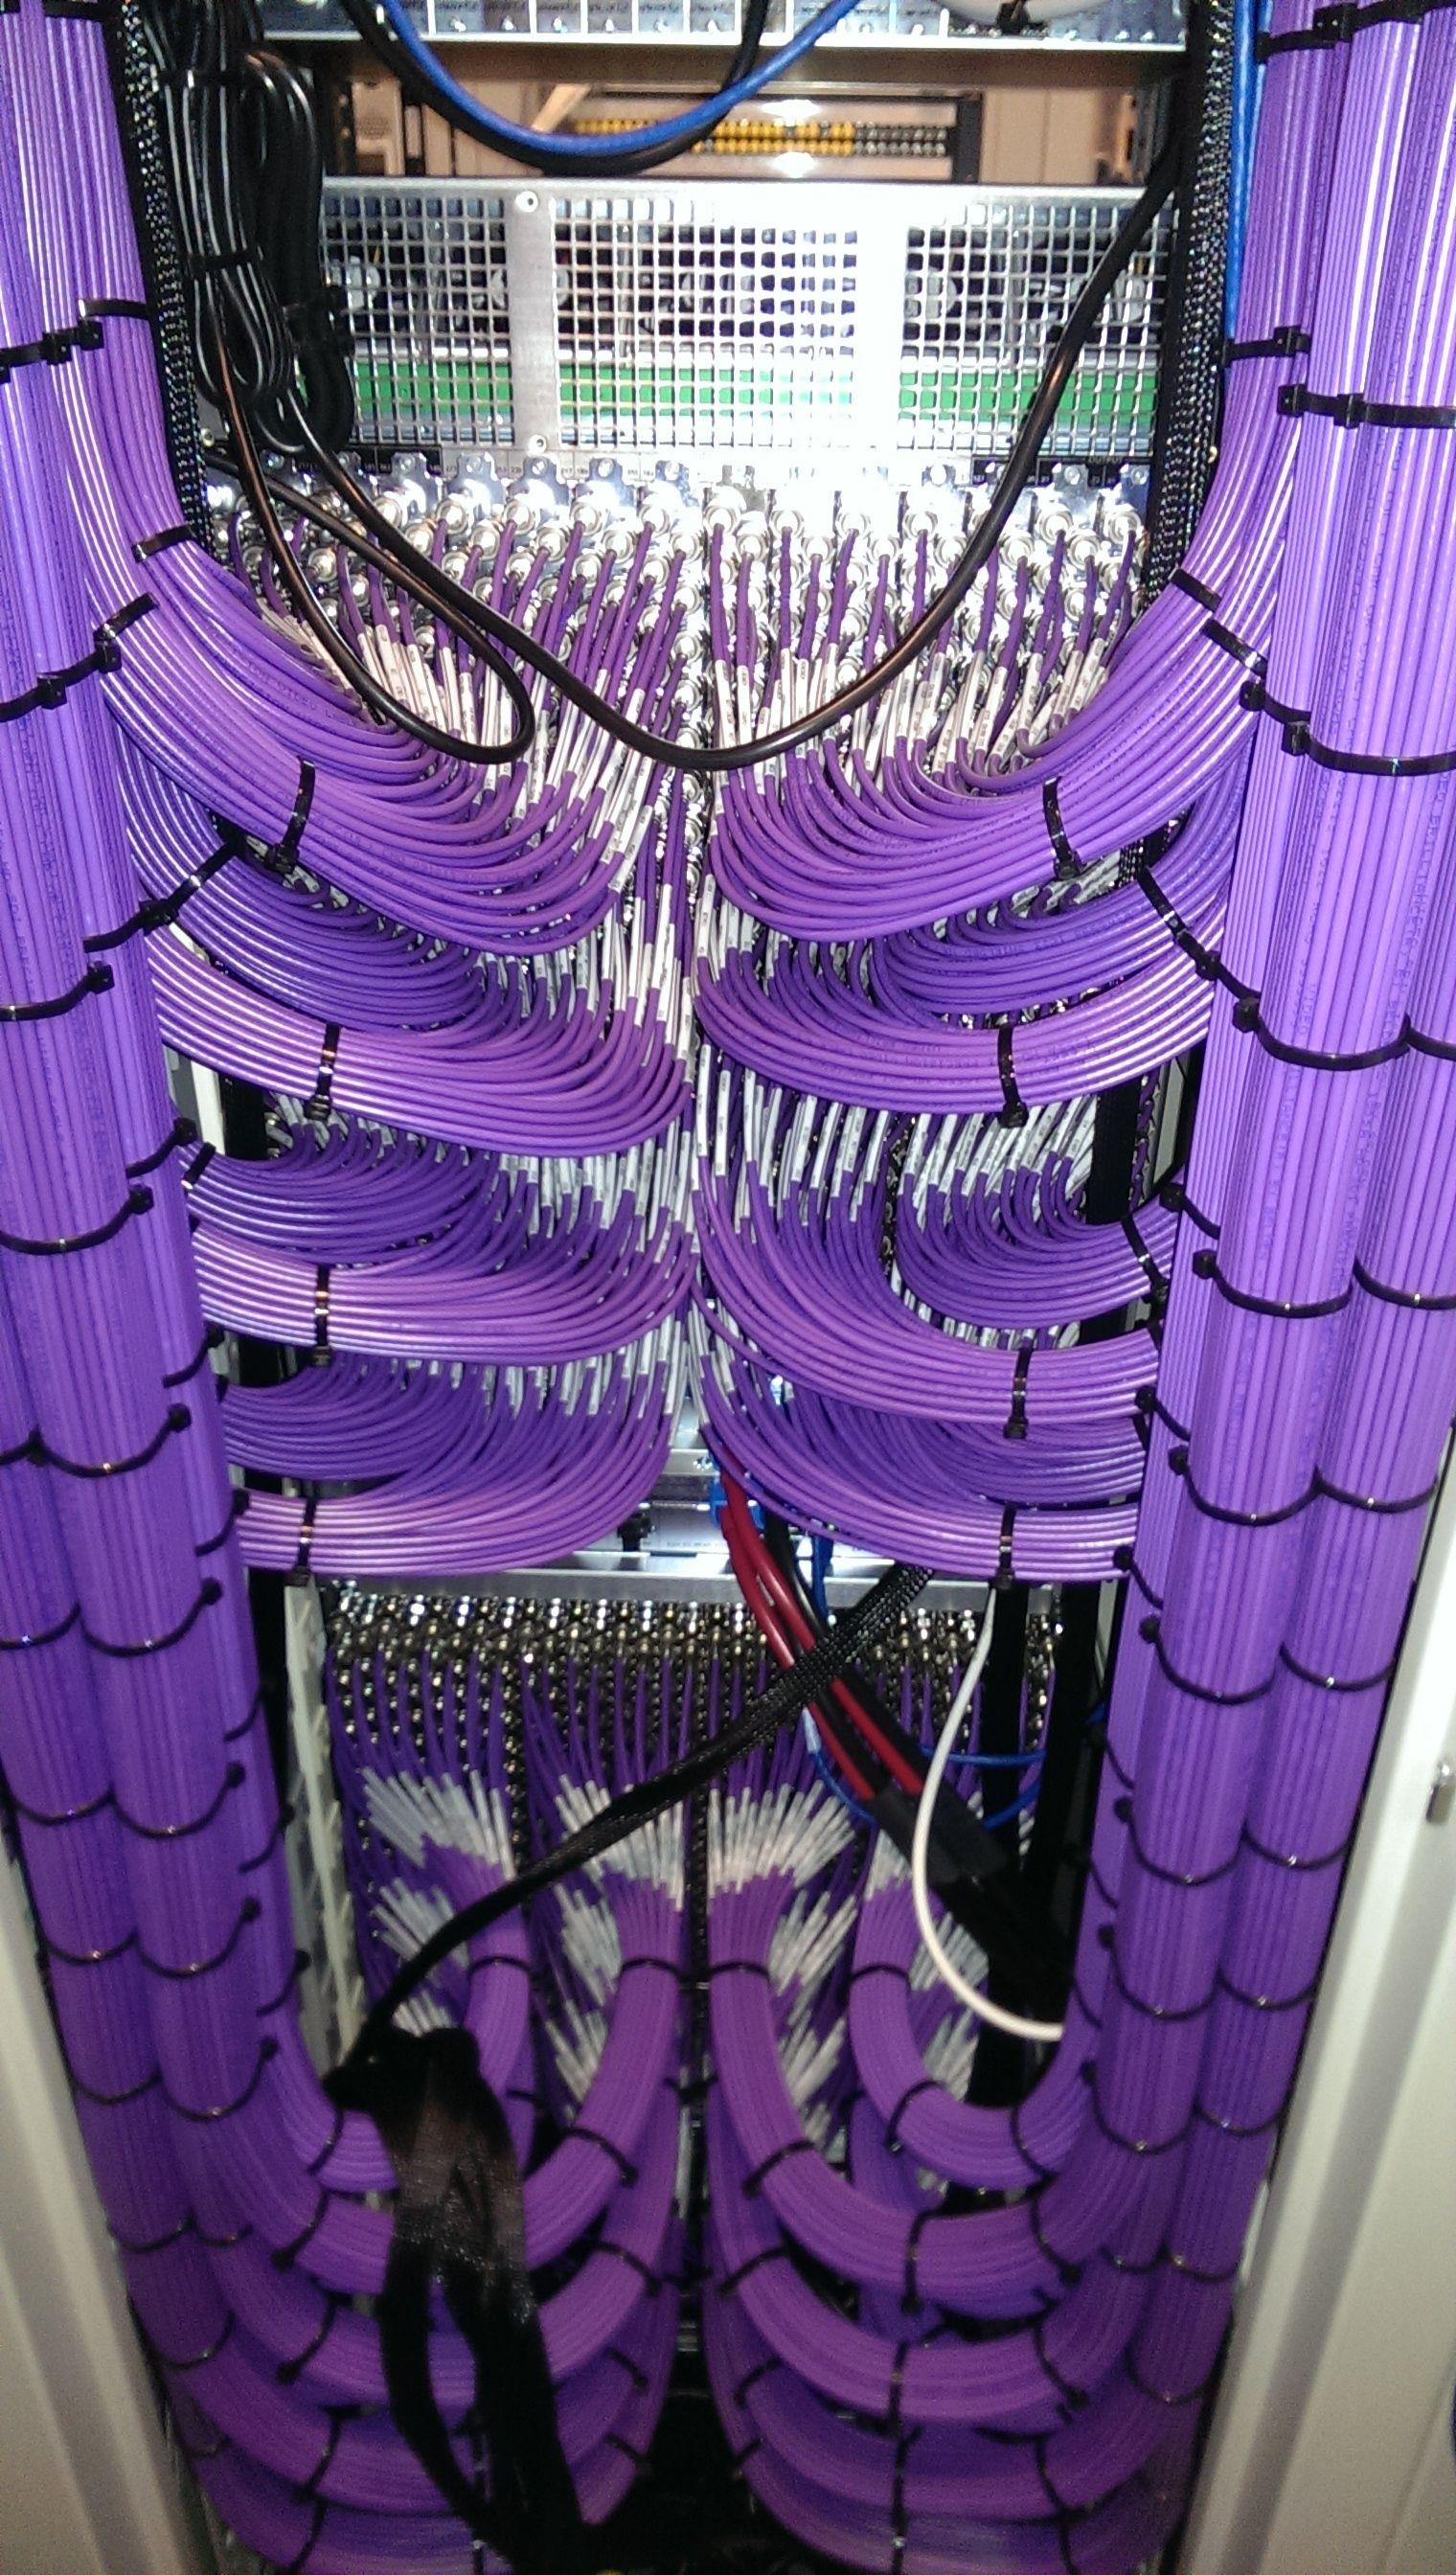 Perfect Serverraum Netzwerktechnik Elektroverkabelung